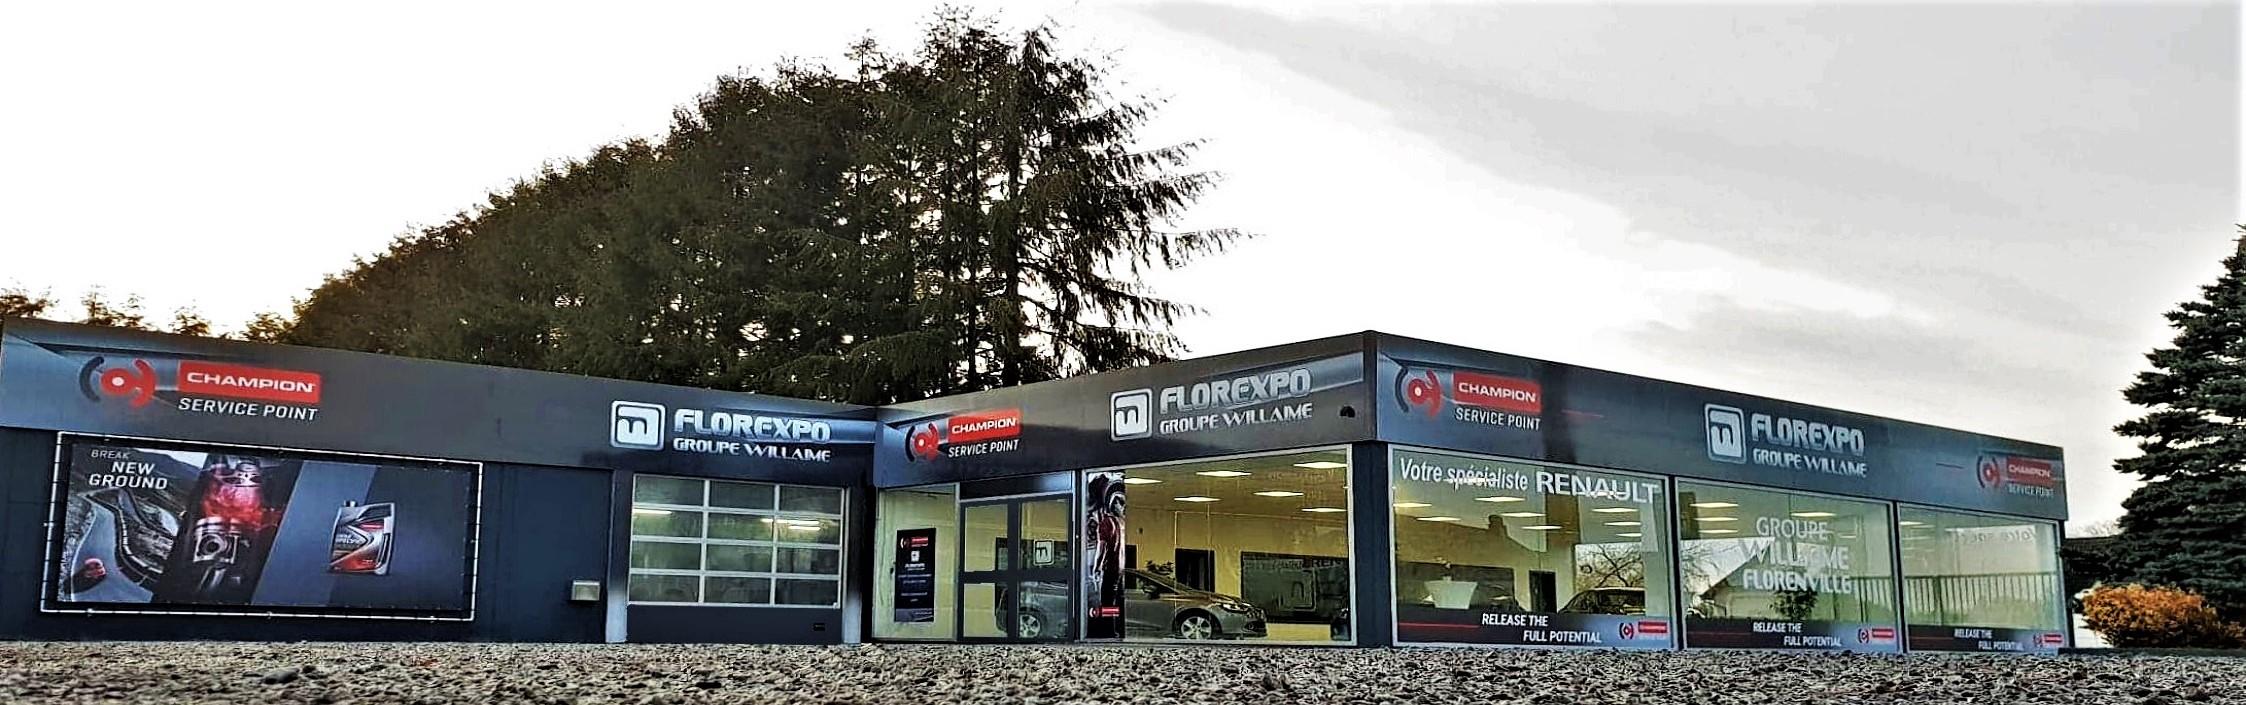 FLOREXPO:Jusqu'à 40% de remise sur le prix neufde votre nouvelle voiture